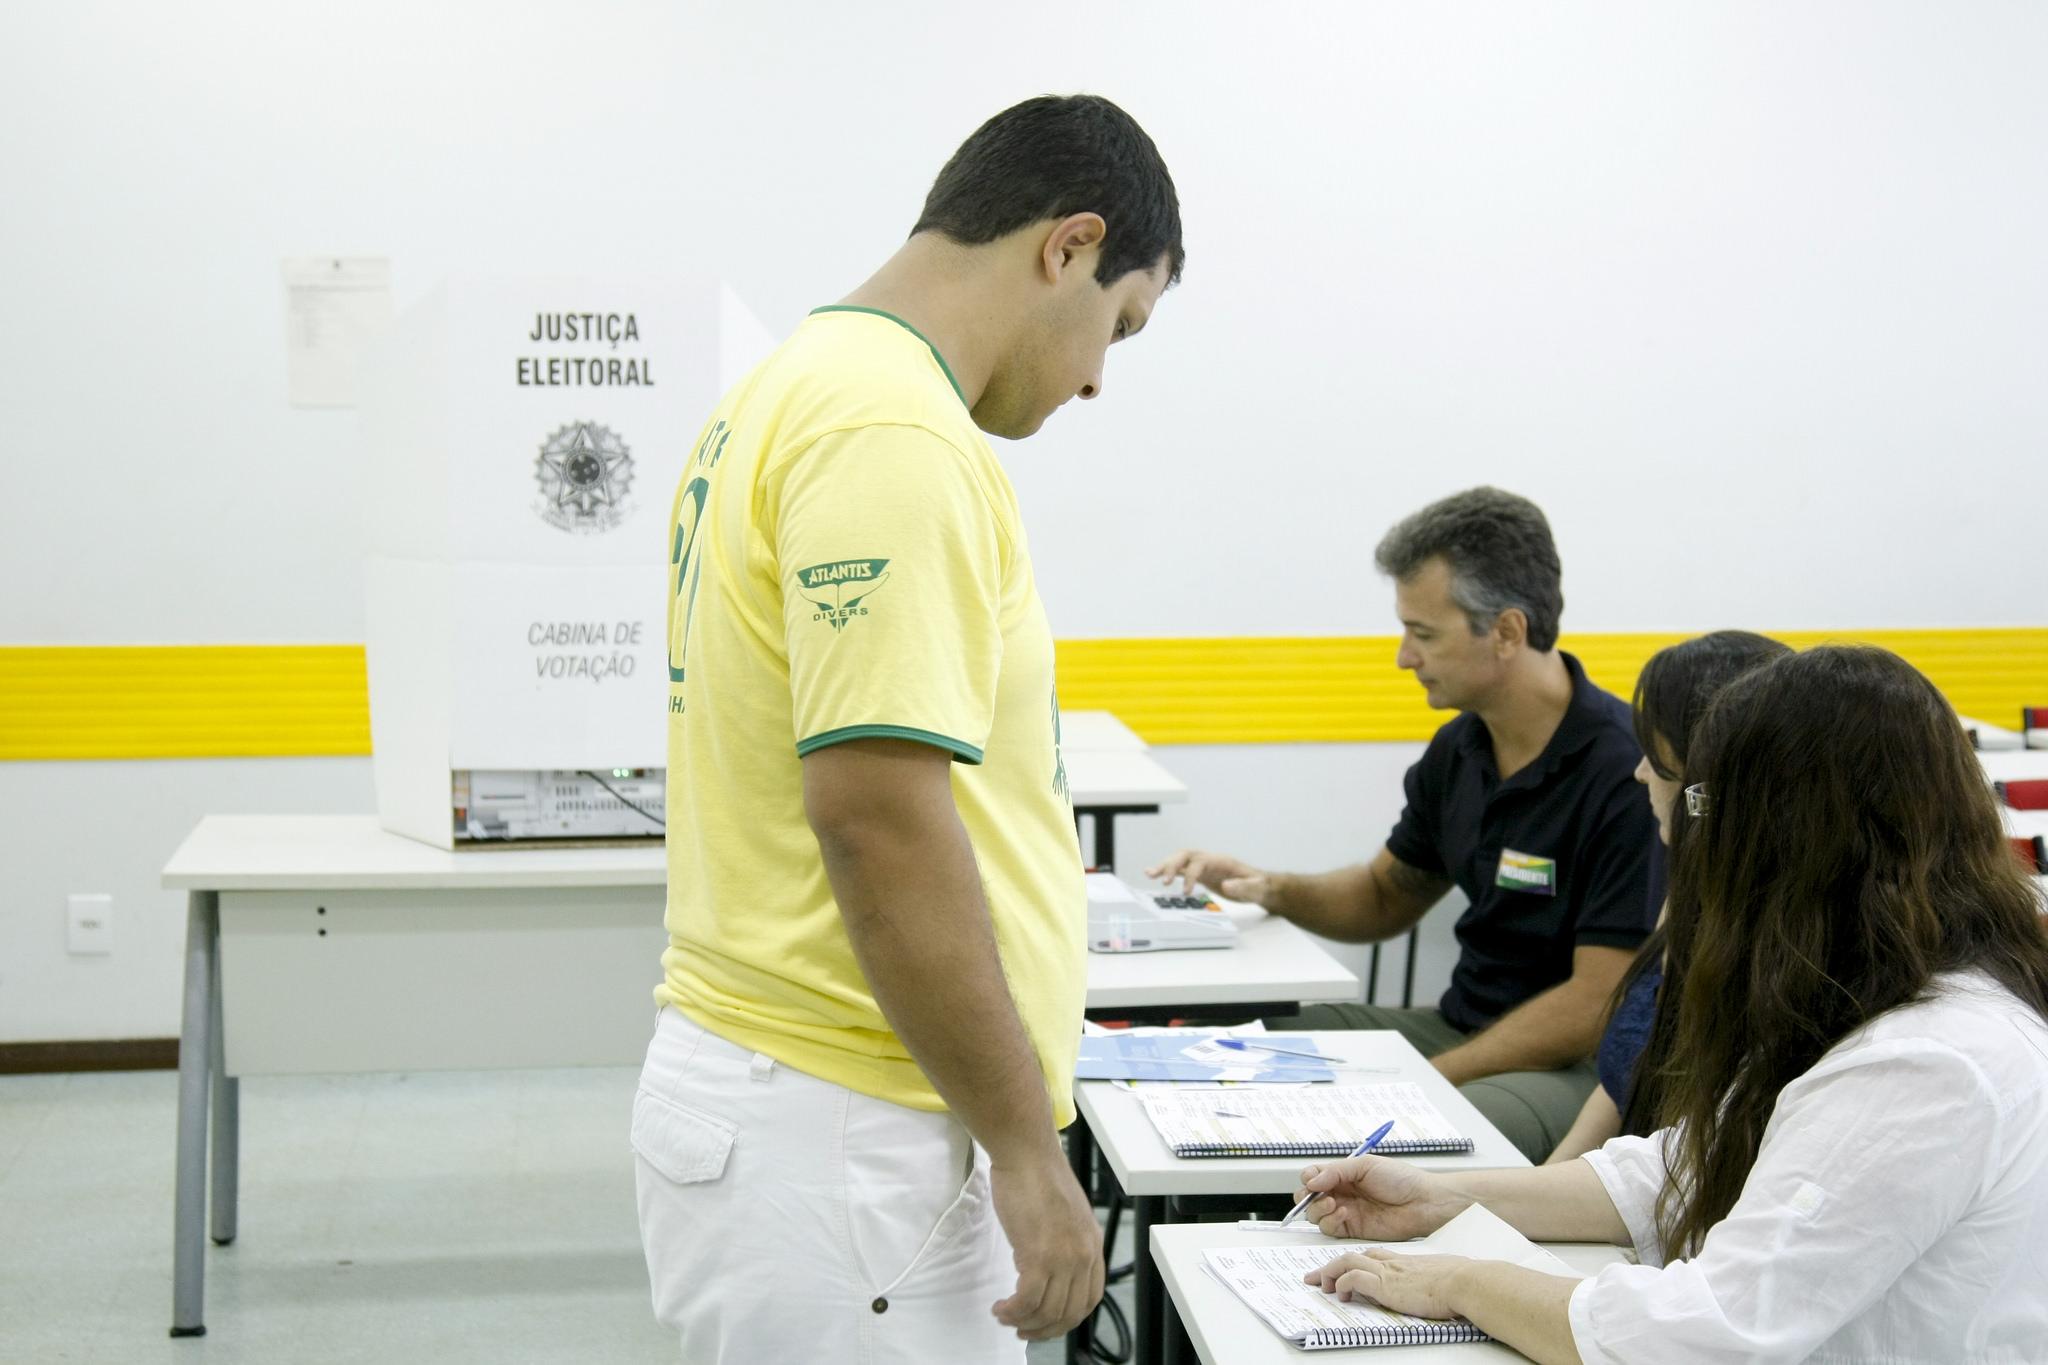 Corrida eleitoral começa oficialmente na próxima quarta. Saiba as datas